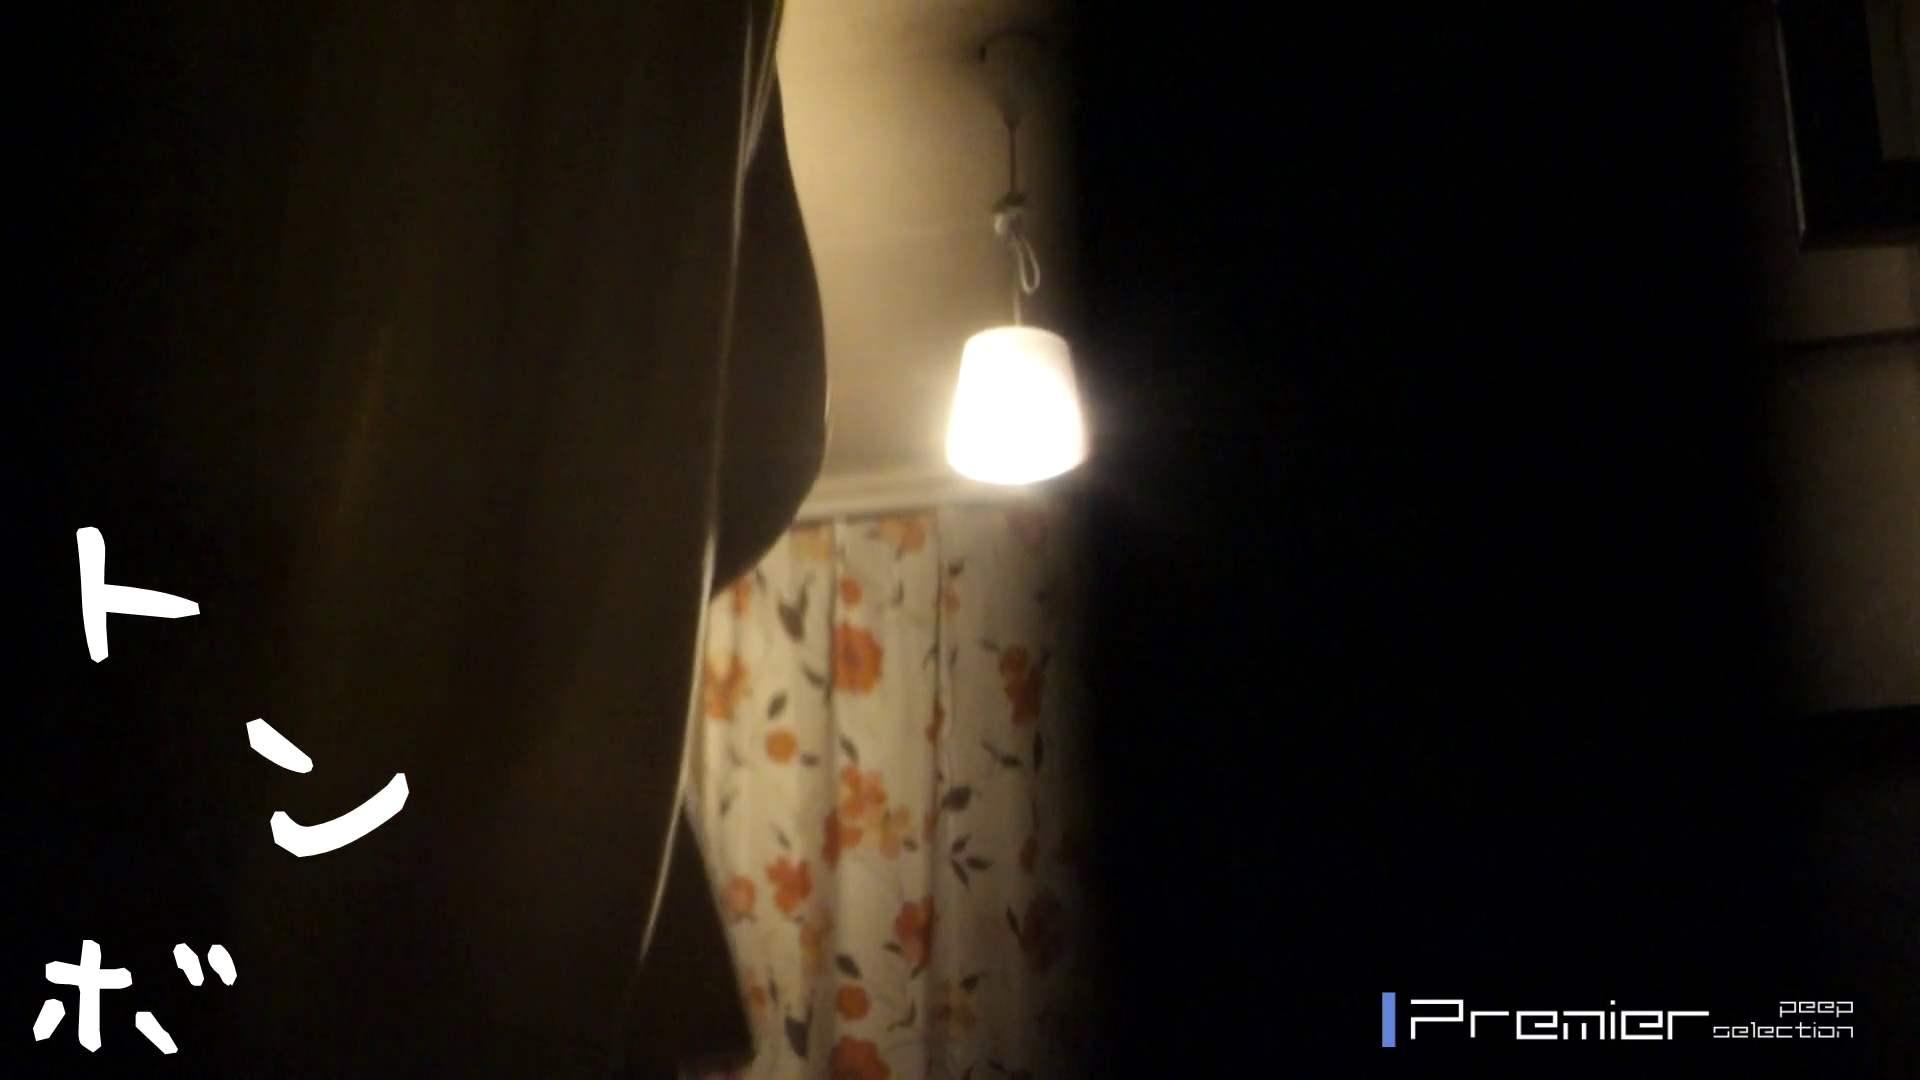 美女達の私生活に潜入!OL入浴前後の裸と私生活 高画質 盗み撮り動画キャプチャ 68連発 8